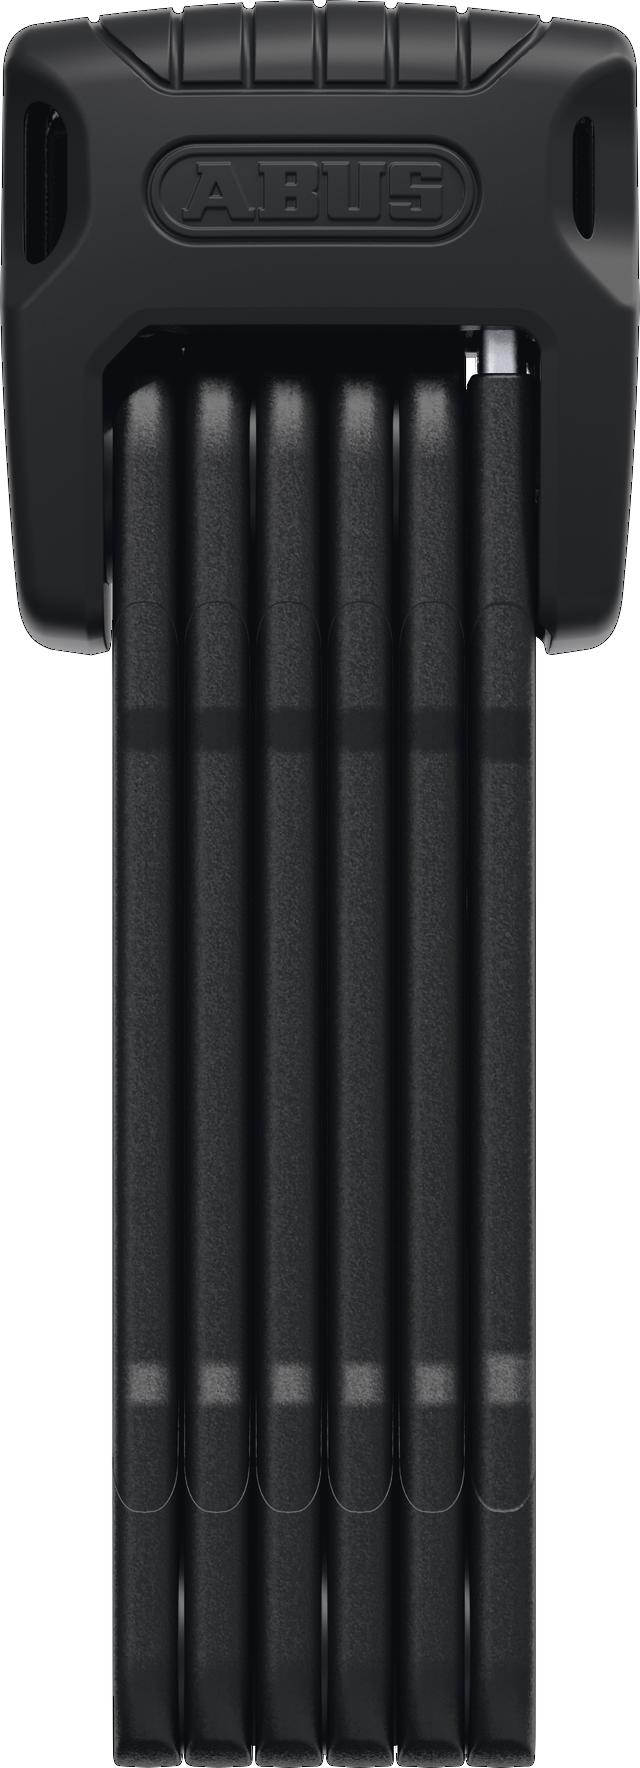 Faltschloss - BORDO™ 6500K